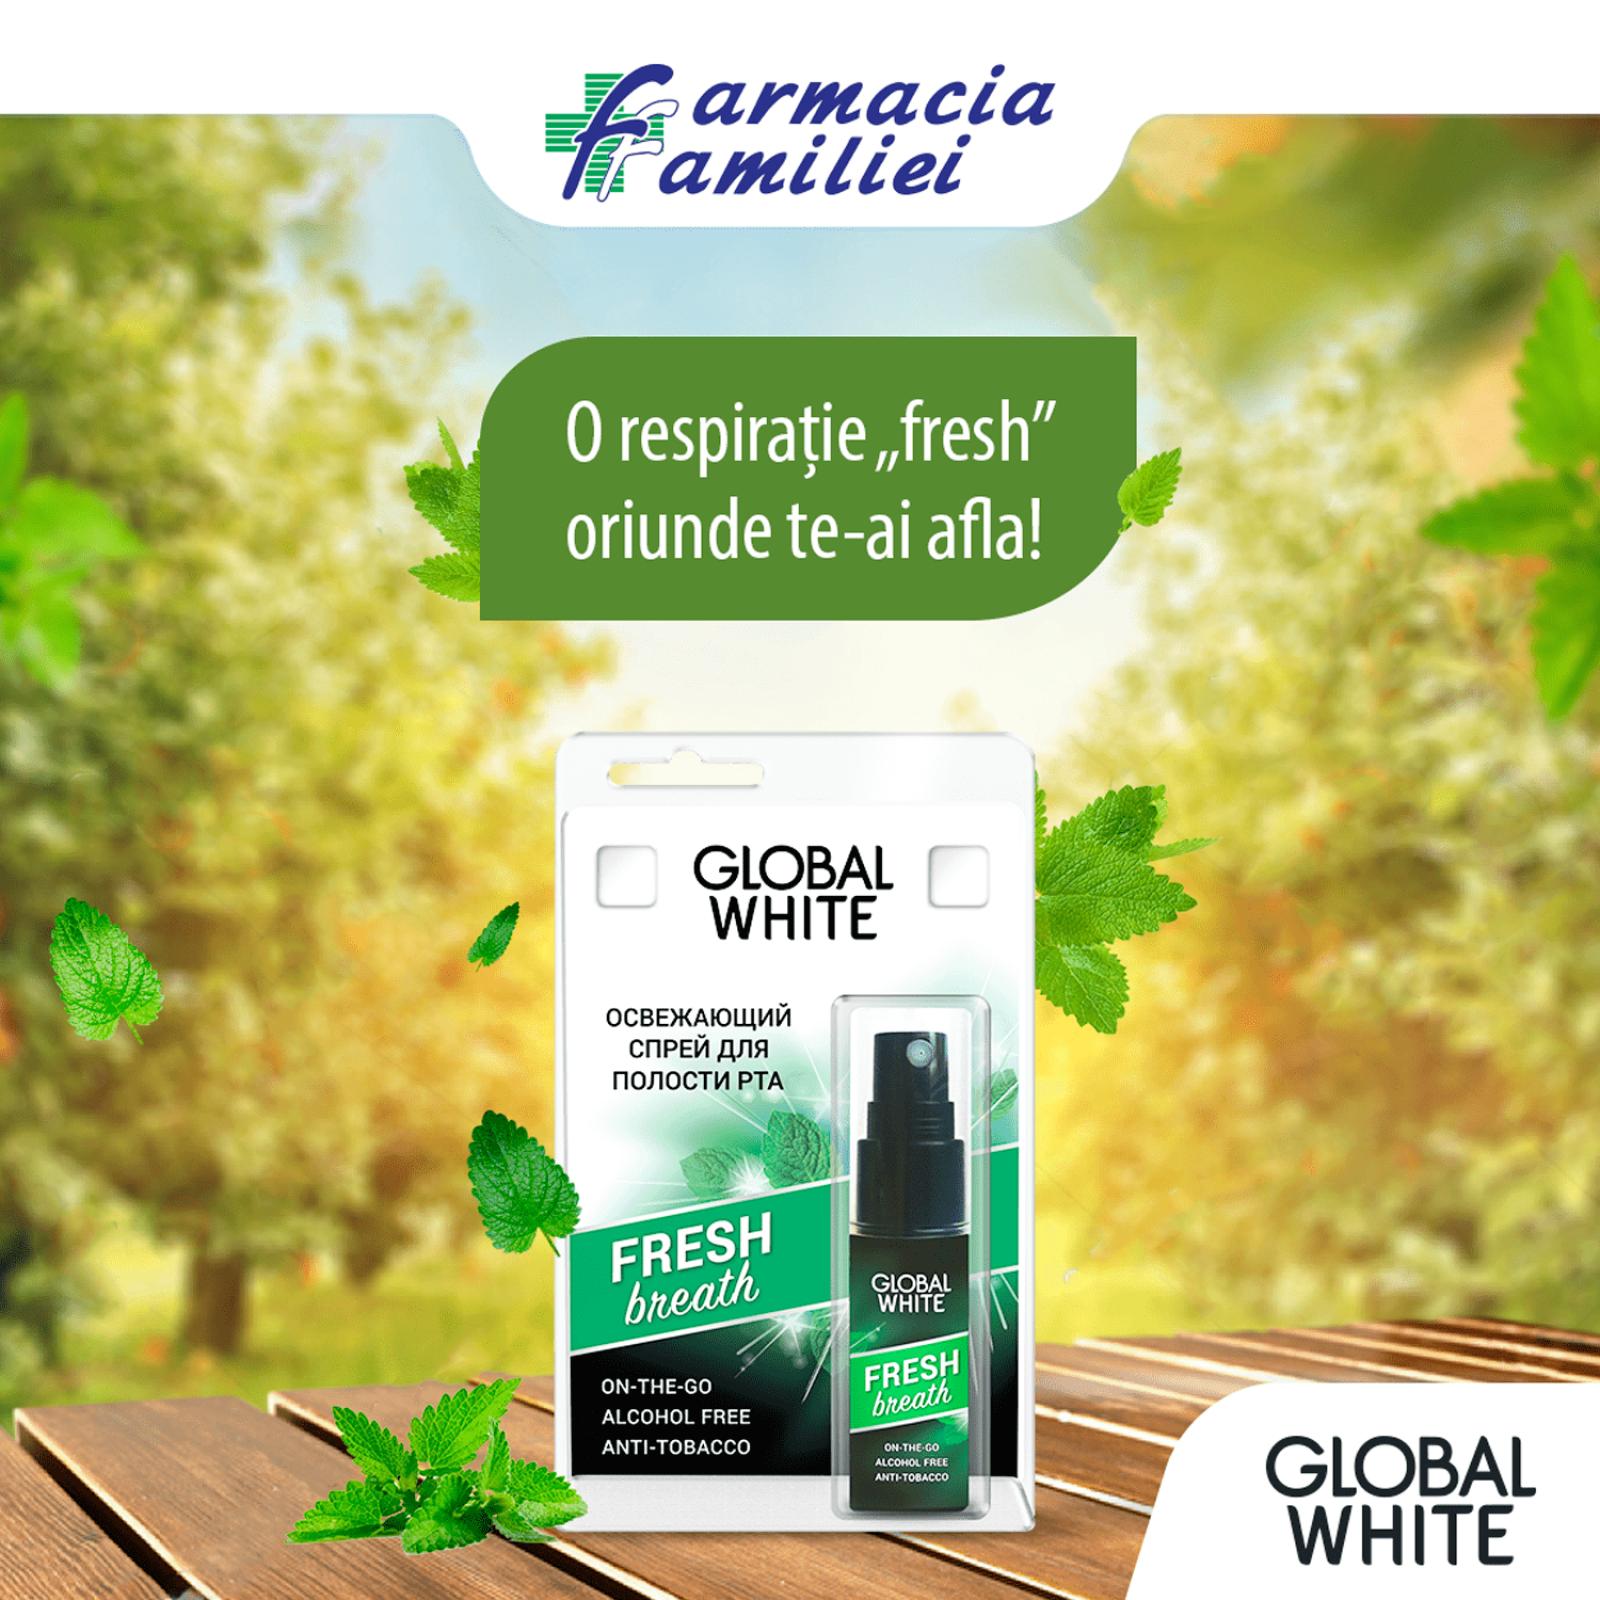 Global White – accesoriul care îți dă siguranța!